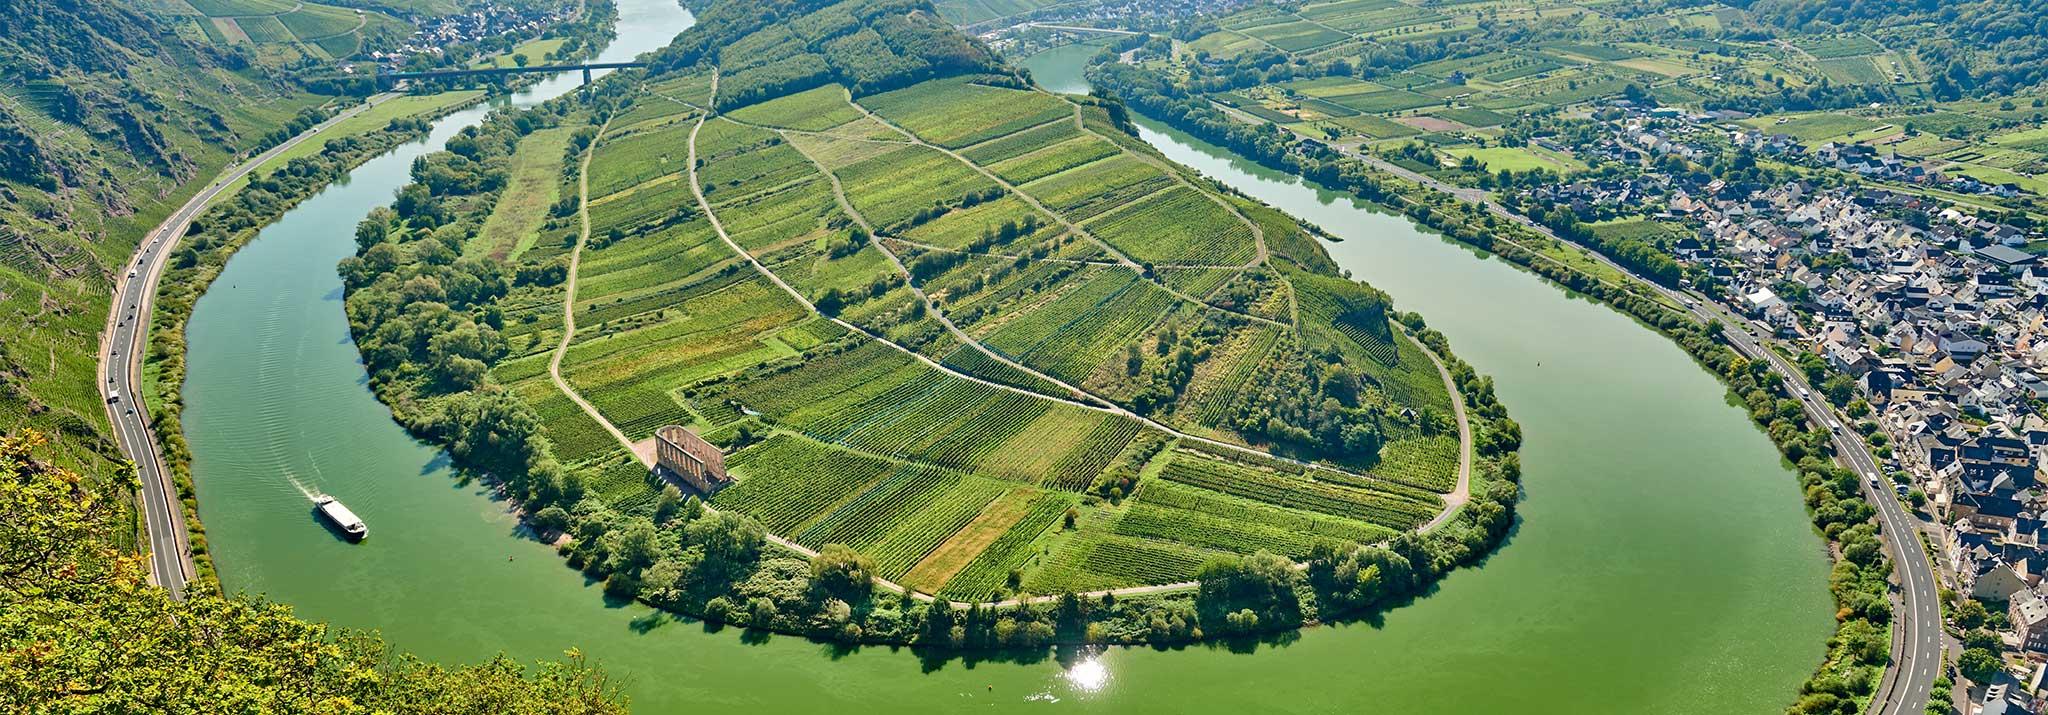 nik-weis-moselle-riesling-wine-germany